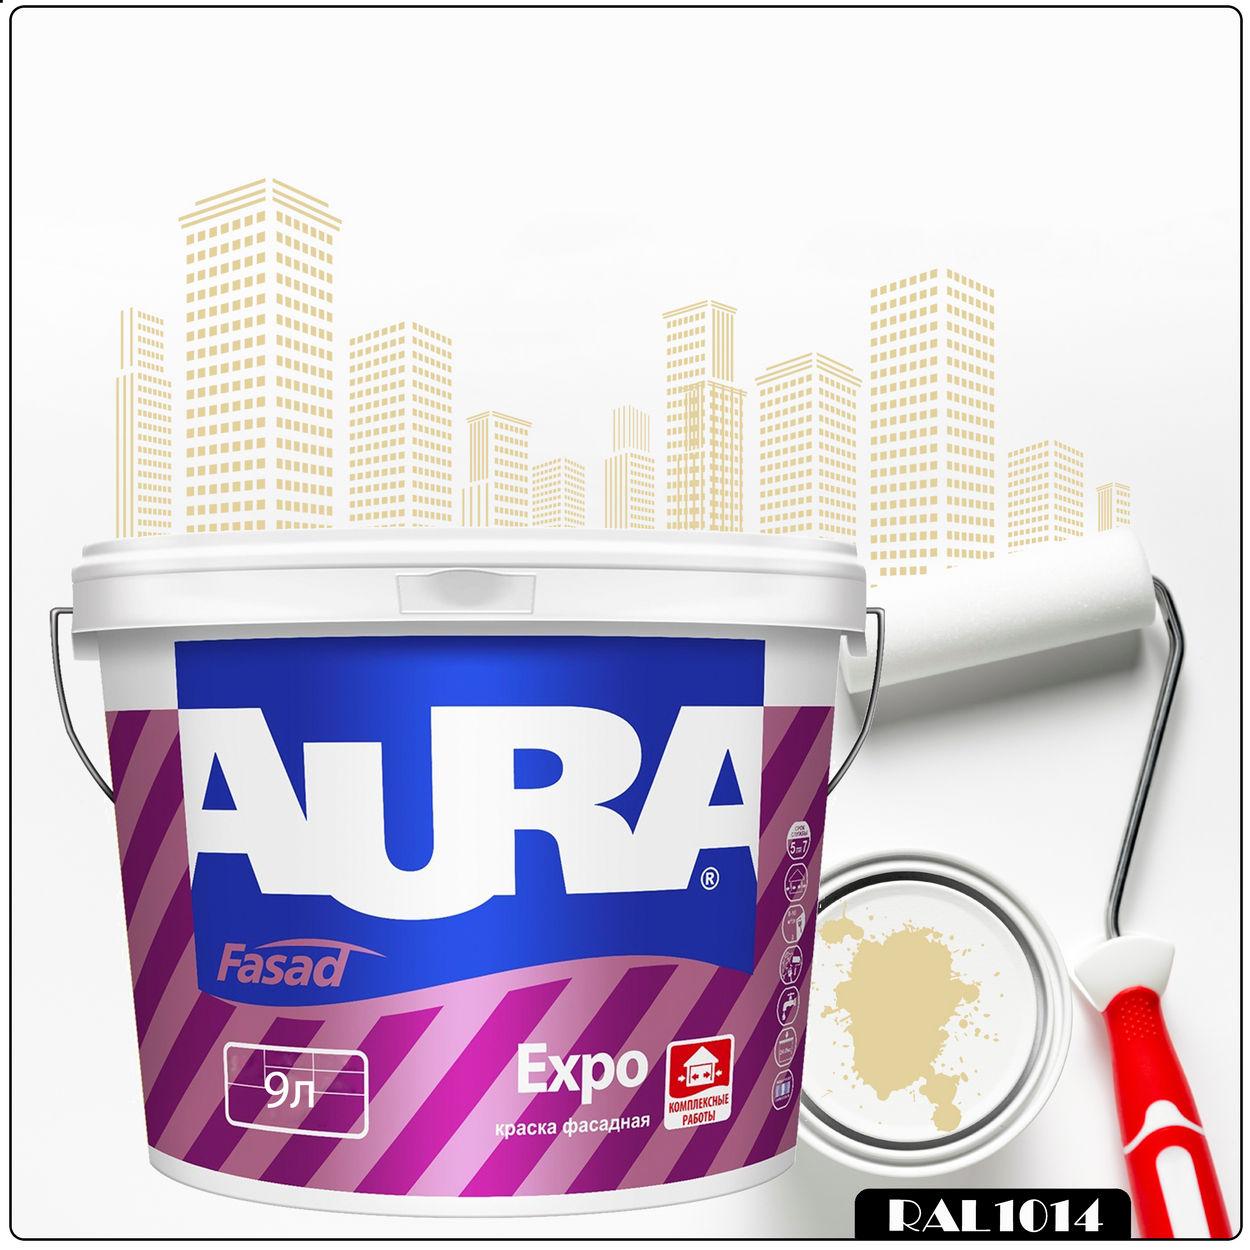 Фото 12 - Краска Aura Fasad Expo, RAL 1014 Слоновая-кость, матовая, для фасадов и помещений с повышенной влажностью, 9л.